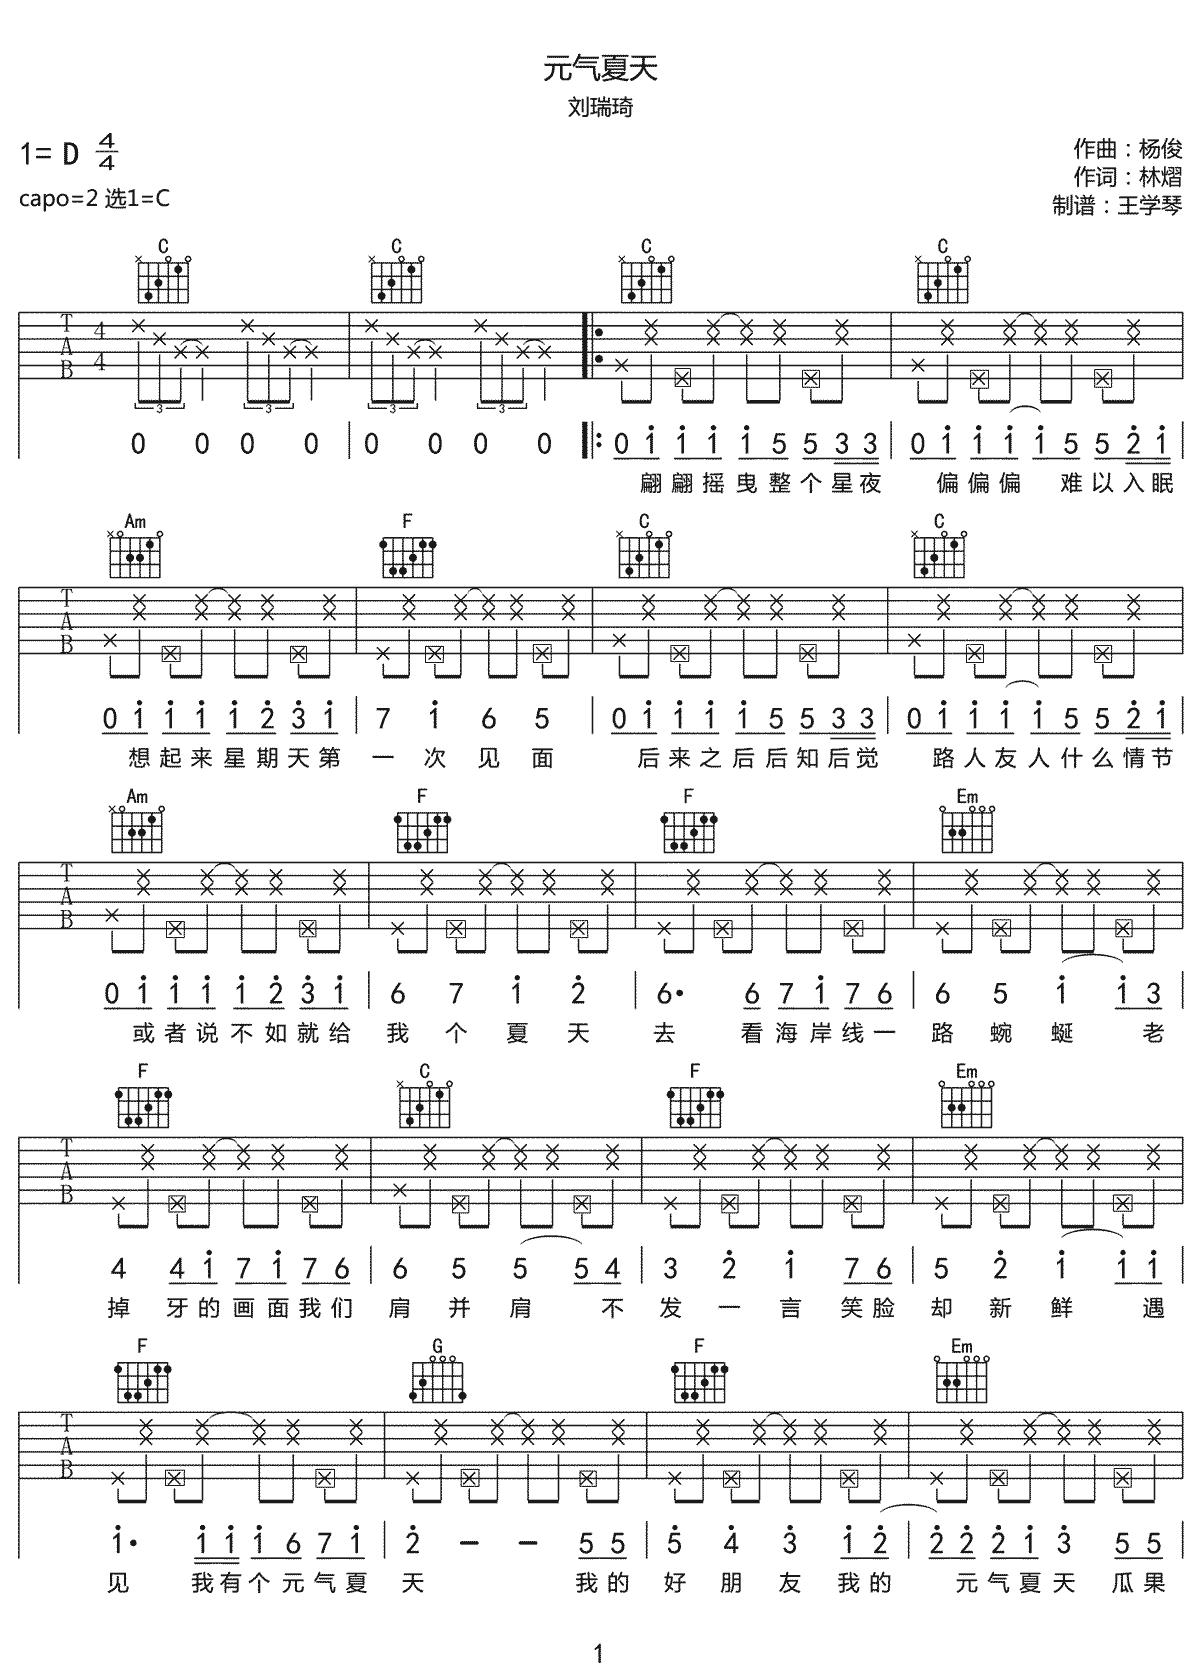 《元气夏天》吉他谱_刘瑞琦_C调原版弹唱六线谱_高清图片谱1